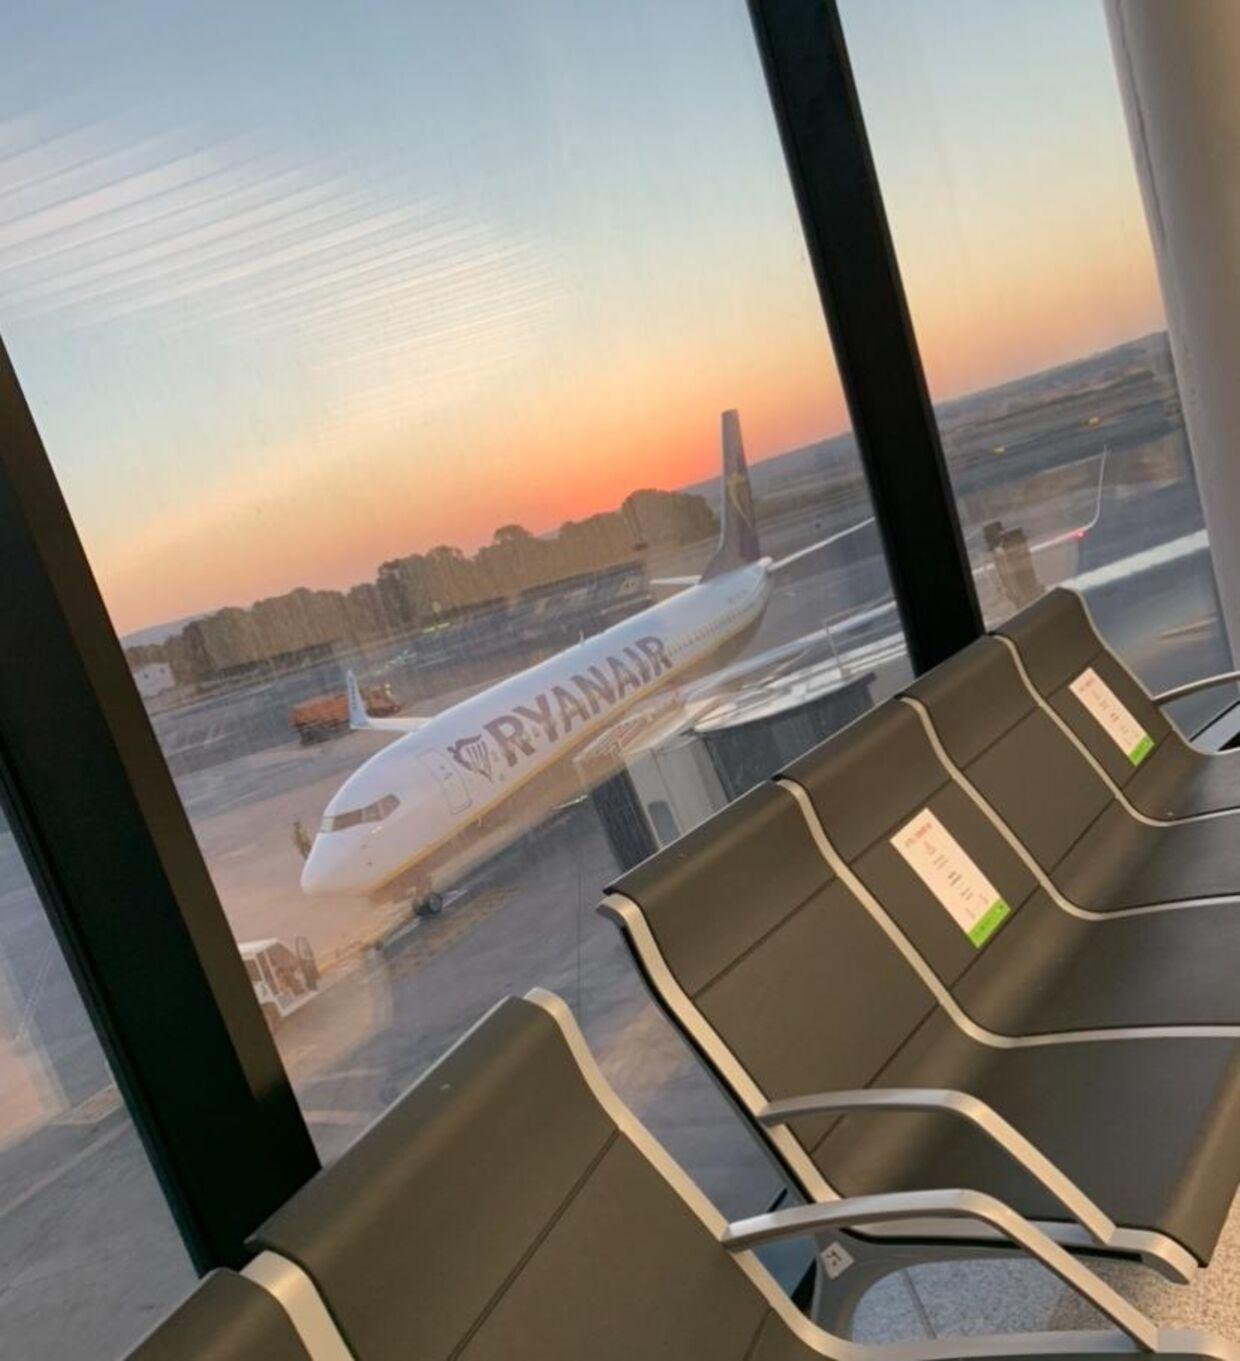 Selvom mange danskere stod ved gaten og kunne se flyet fra Ryanair ud af vinduet, så kom de ikke med ombord.